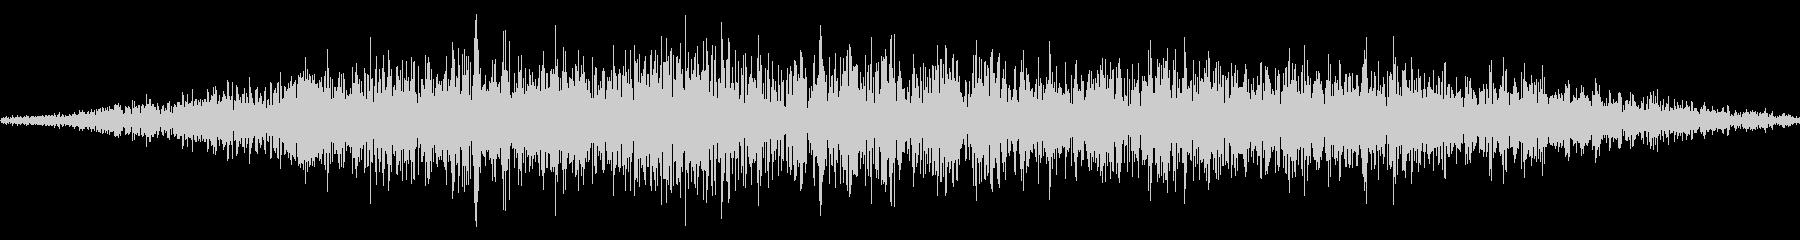 スワイプ音/風切り音/キャンセル音 9の未再生の波形